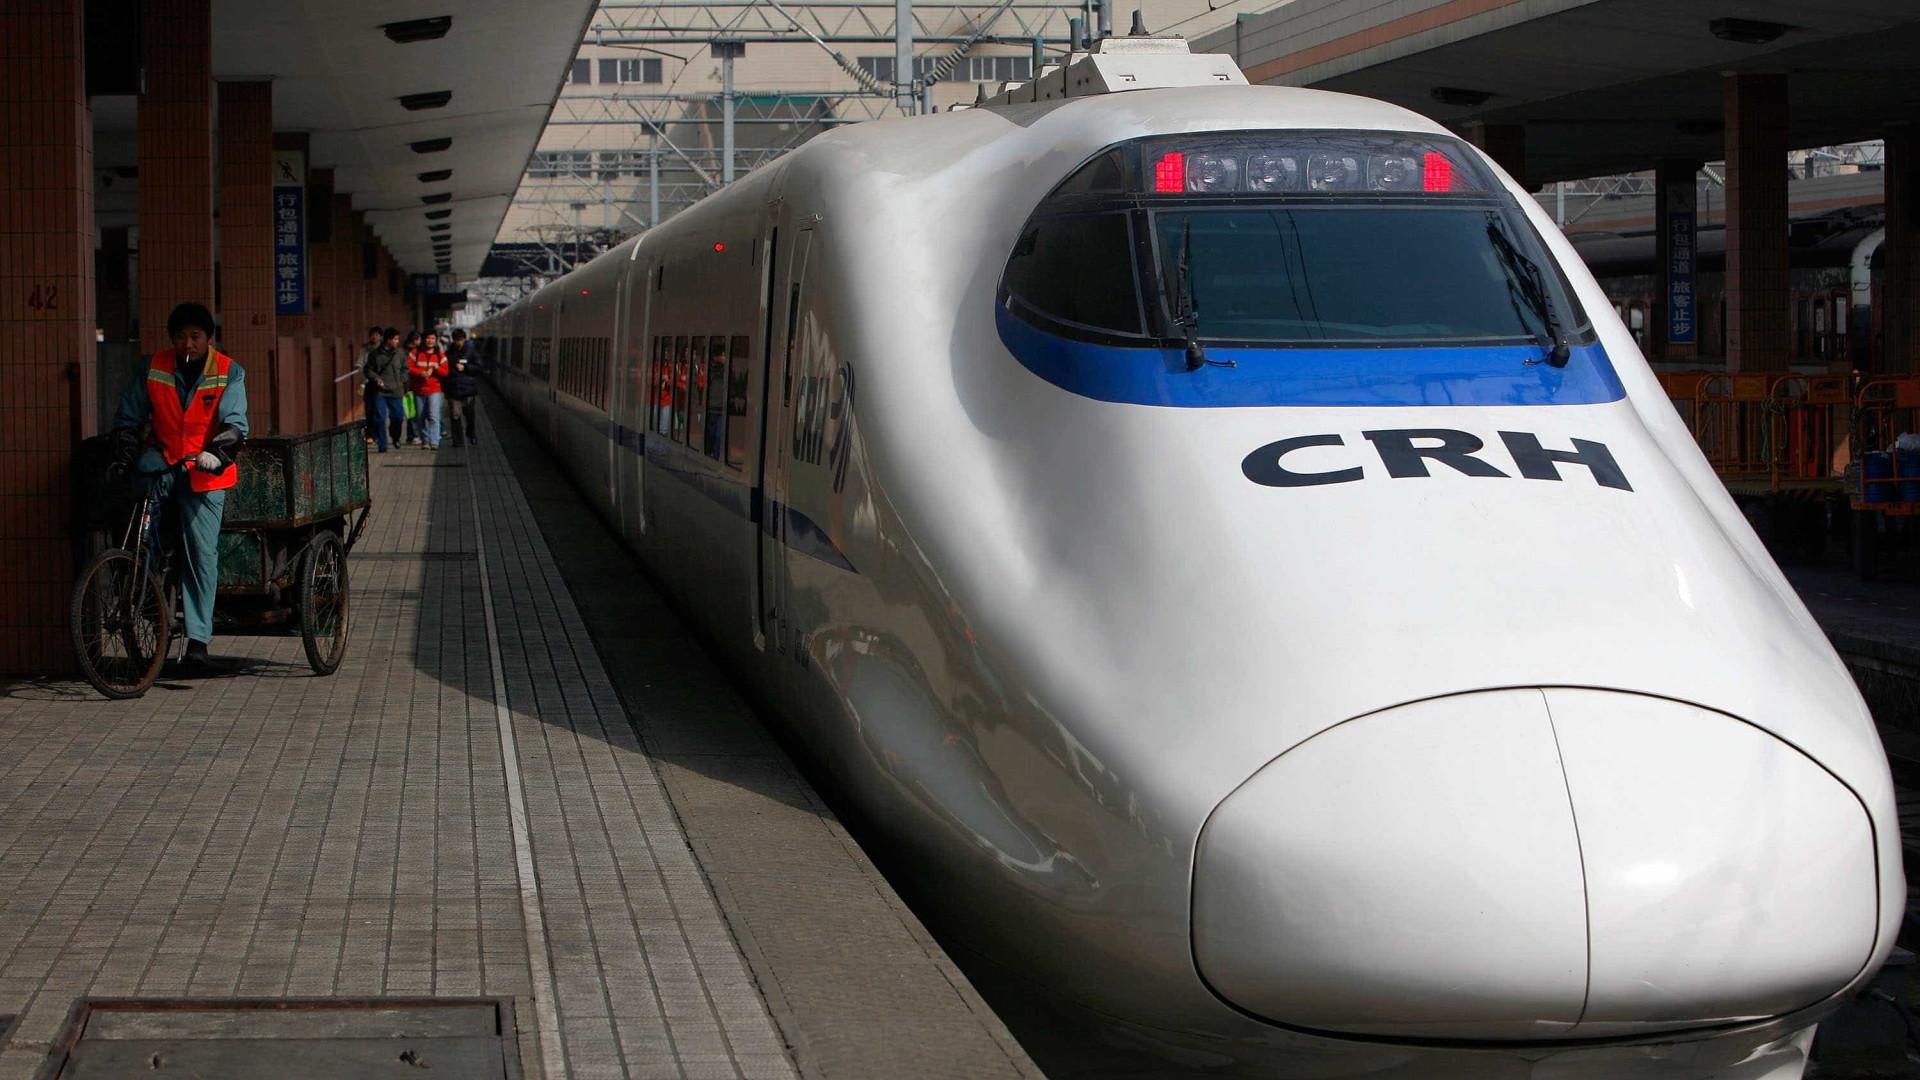 Homem com faca entra em comboio no Japão. Há vários feridos